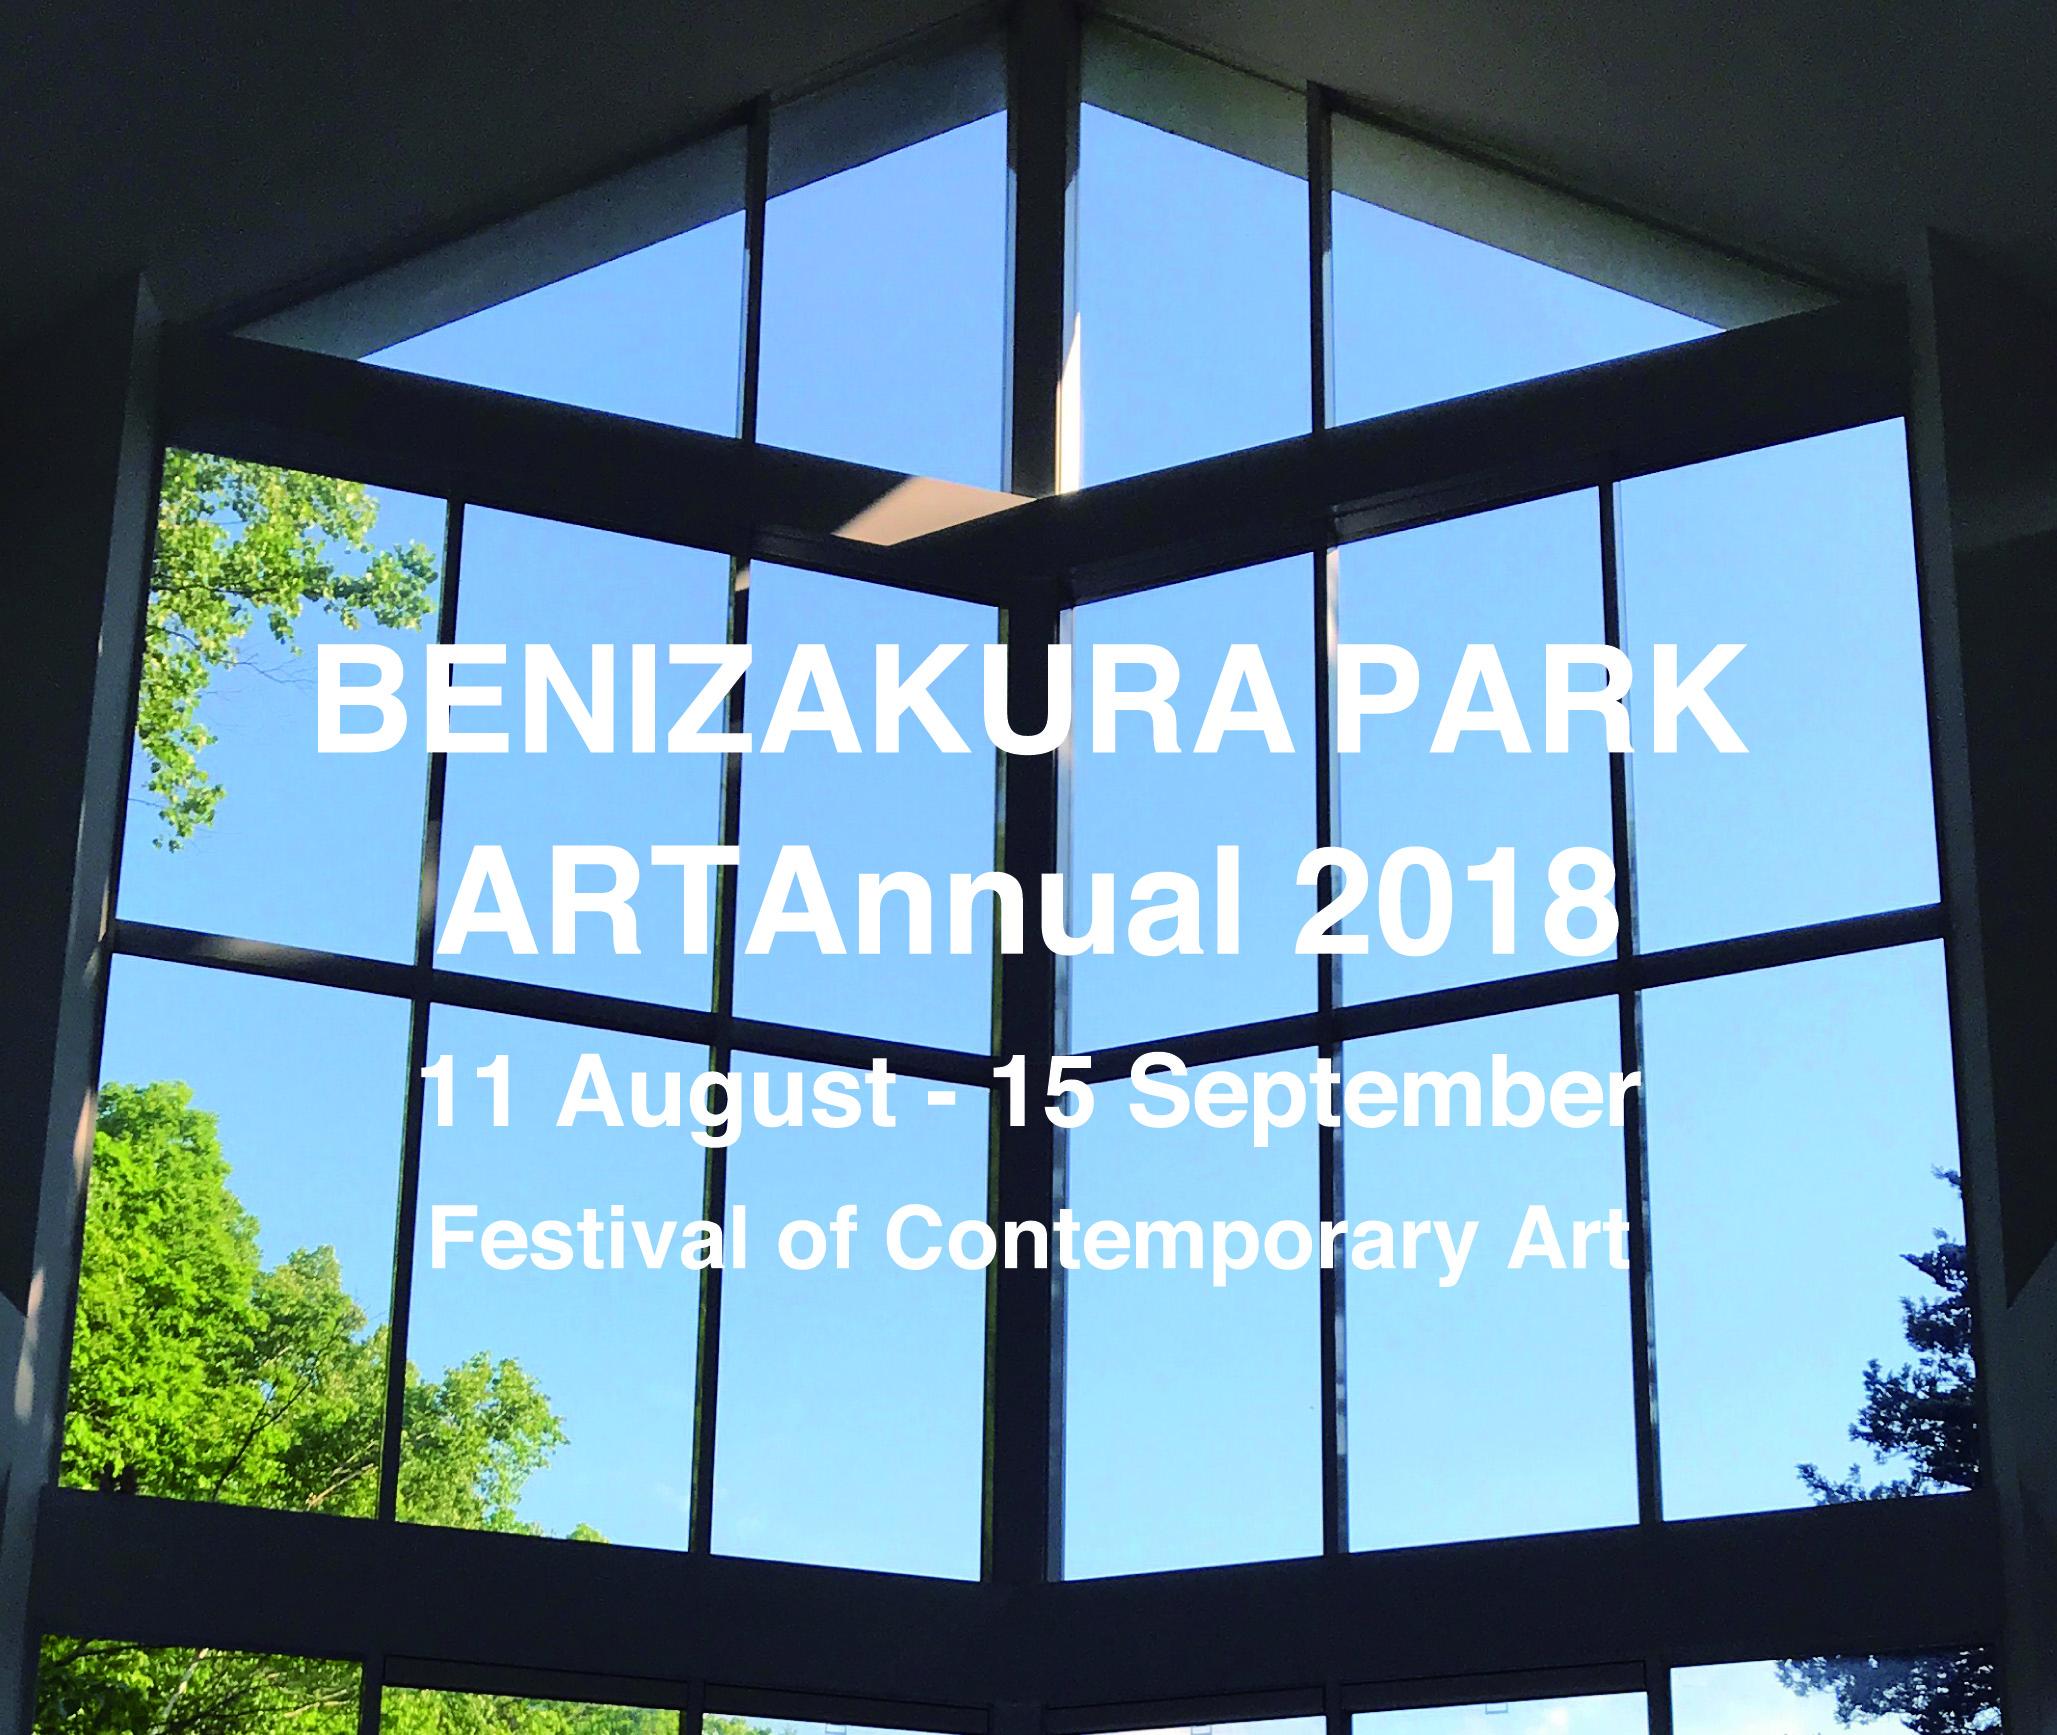 2018年8月11日より紅櫻芸術祭(BENIZA